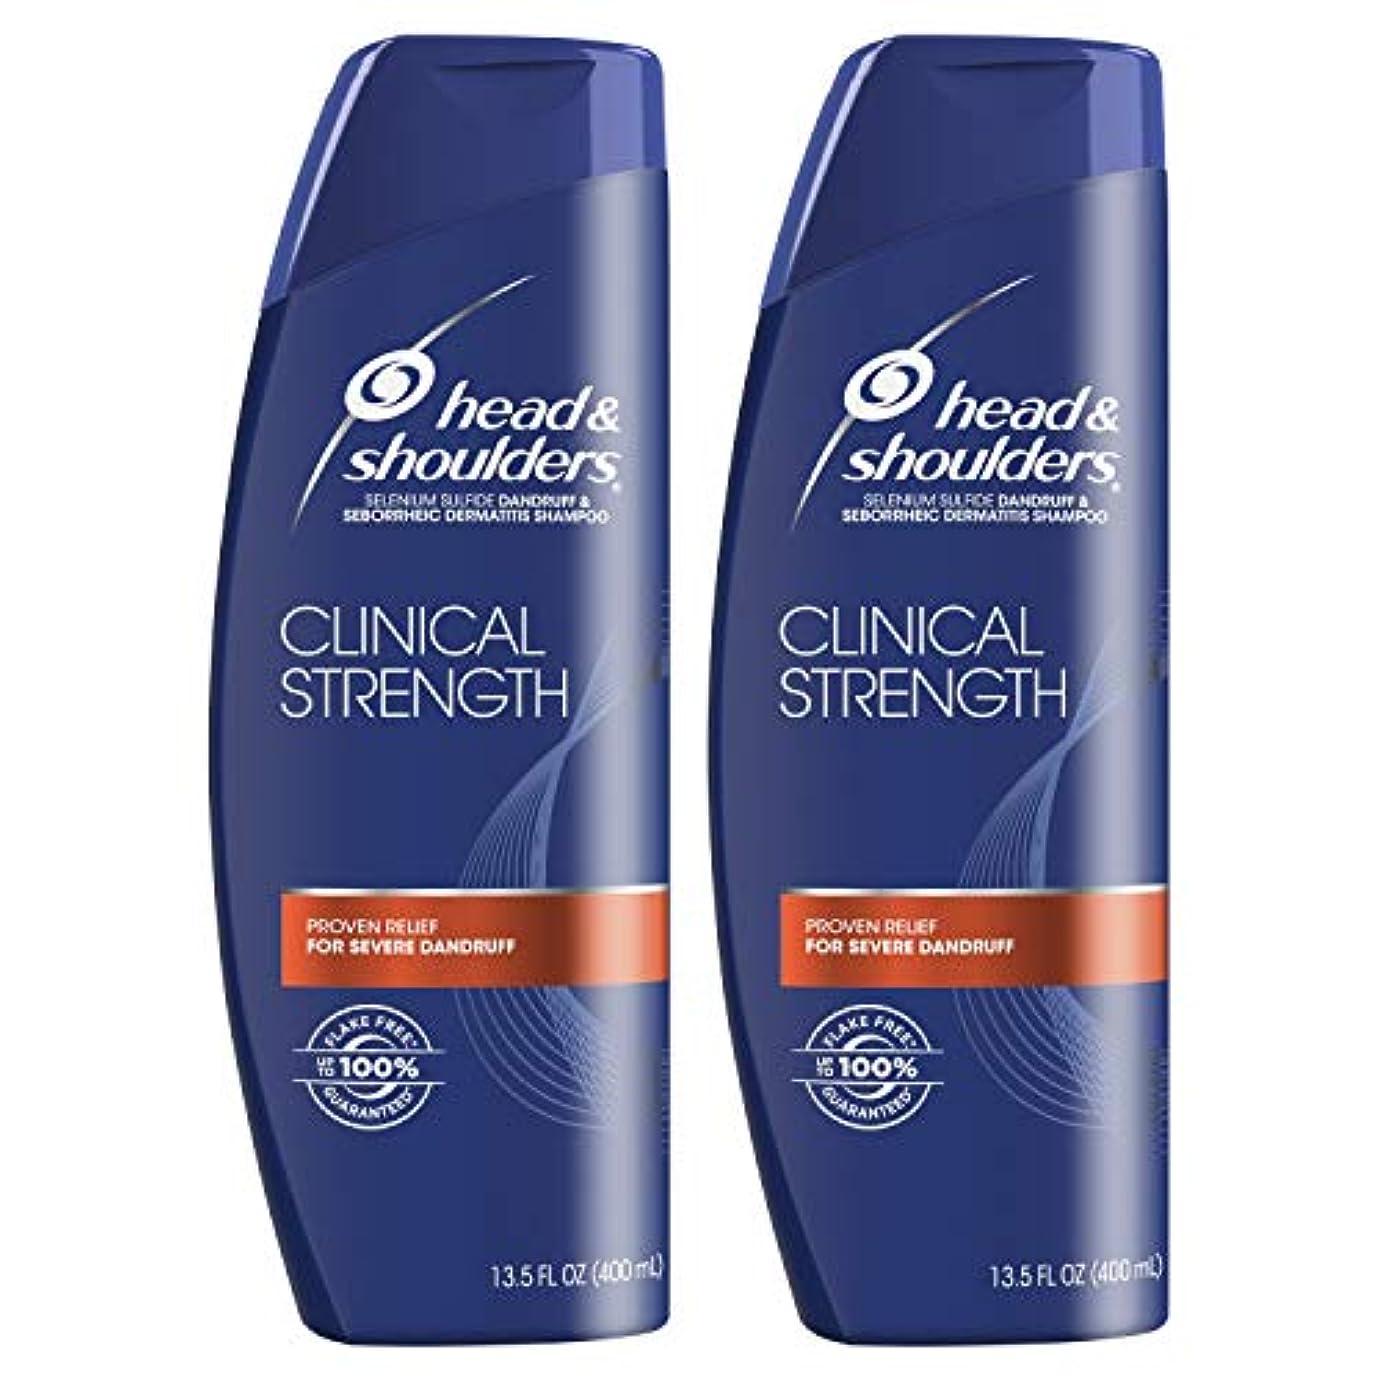 トレーダーその間あざHead and Shoulders Clinical Strength Dandruff and Seborrheic Dermatitisシャンプー、13.5 FL OZ